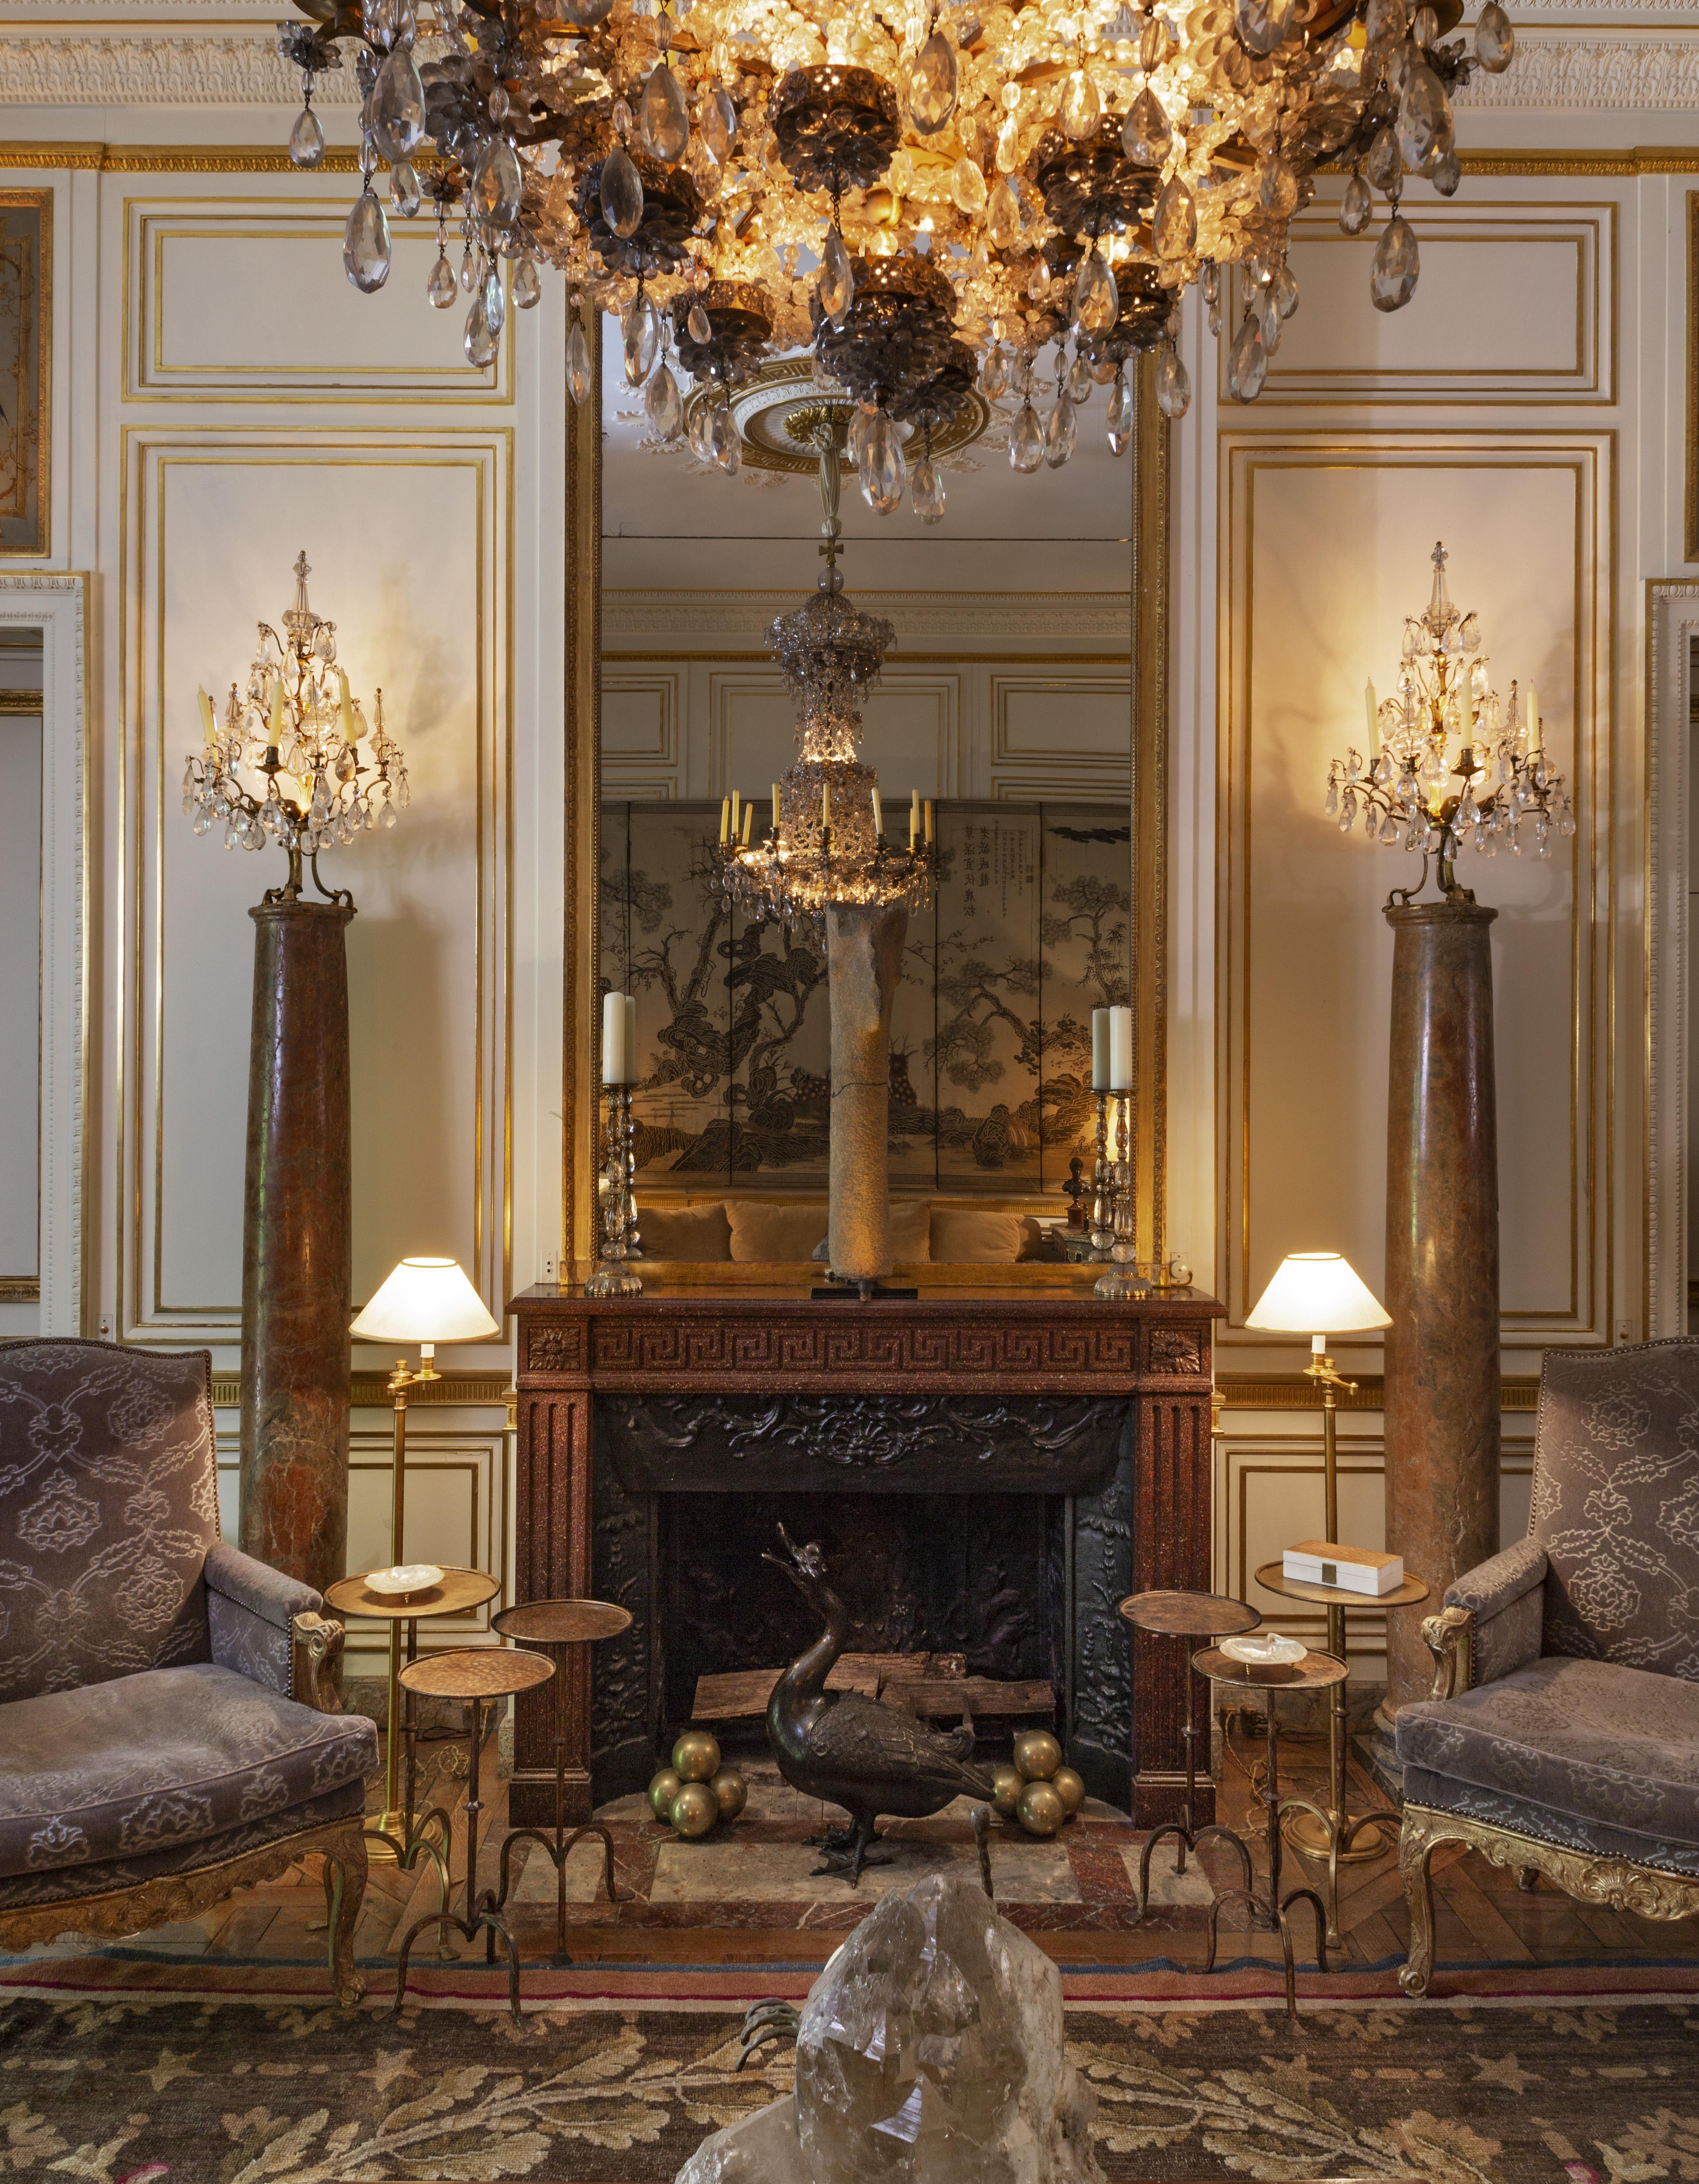 Binnenkijken in het voormalige Parijse appartement van Pierre Bergé